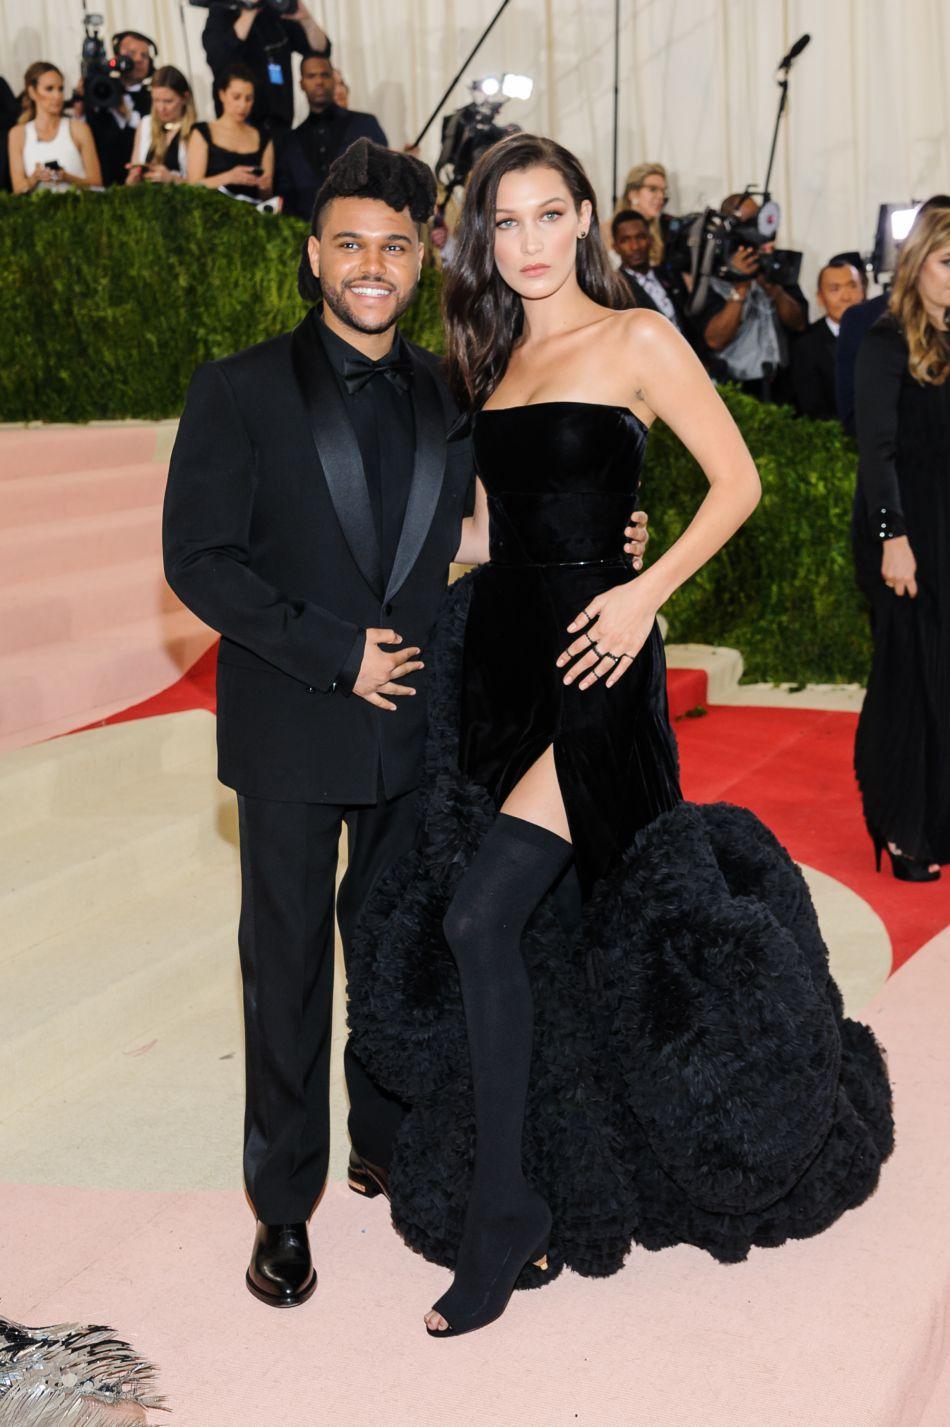 La jeune femme est en couple avec le chanteur The Weeknd.